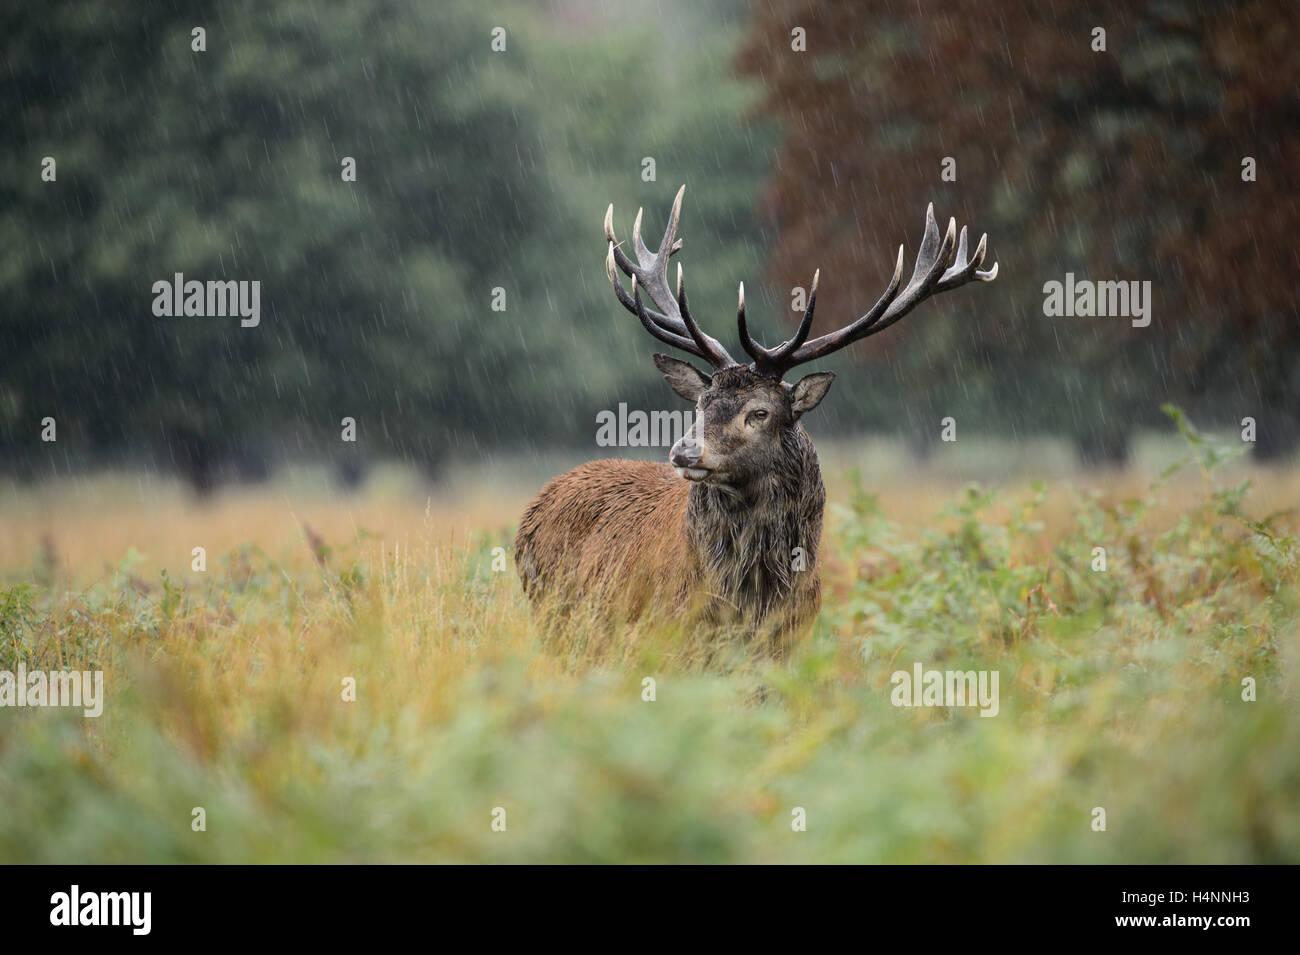 Red Deer stag sous la pluie pendant la saison du rut. Richmond Park, London, UK Photo Stock